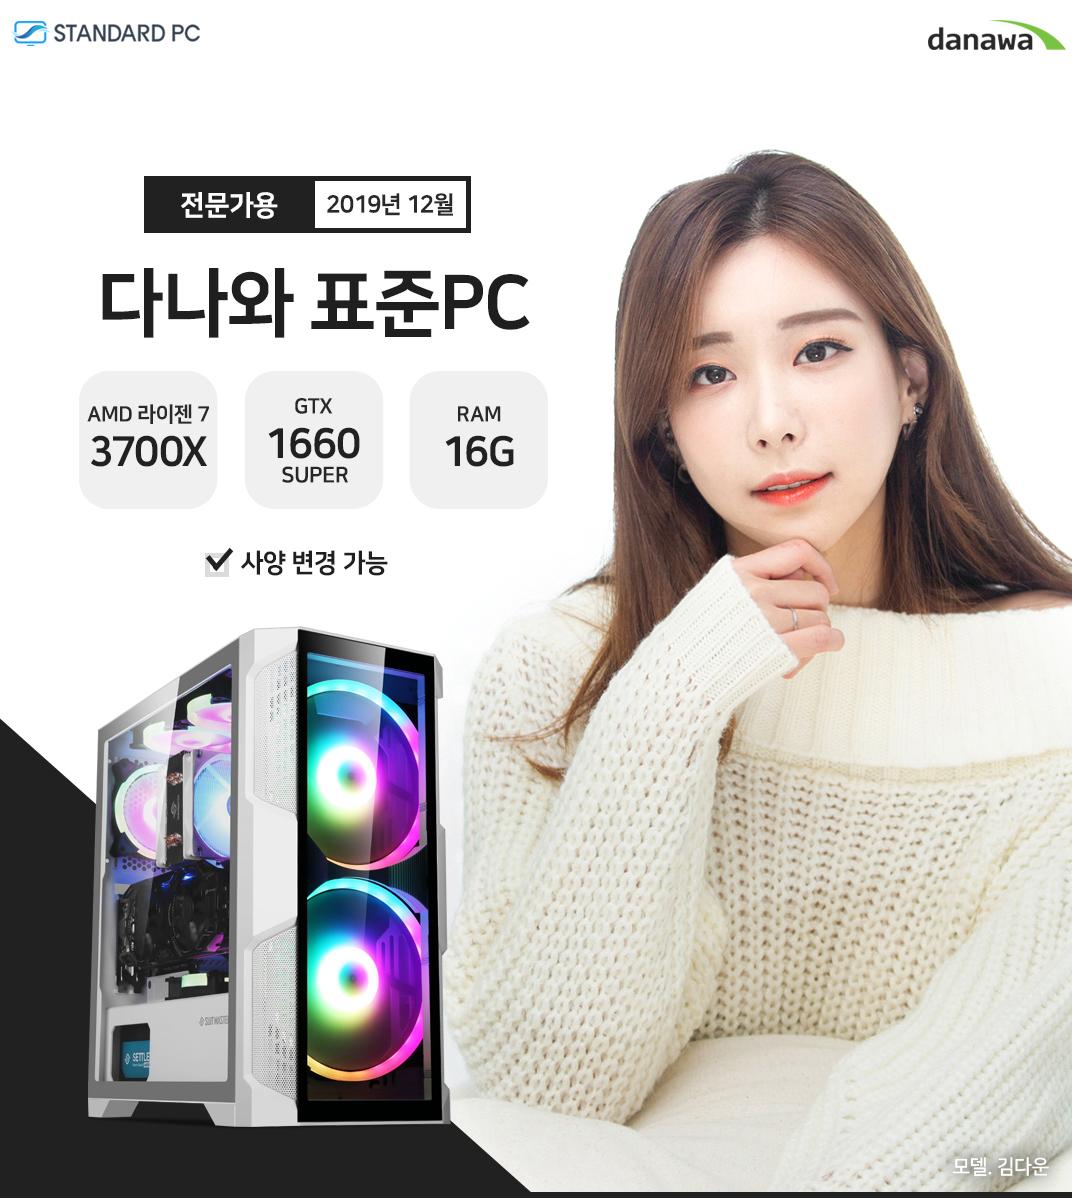 2019년 12월 다나와 영상/음향작업용 AMD 라이젠 7 3700X GTX 1660 SUPER RAM 16G 모델 김다운